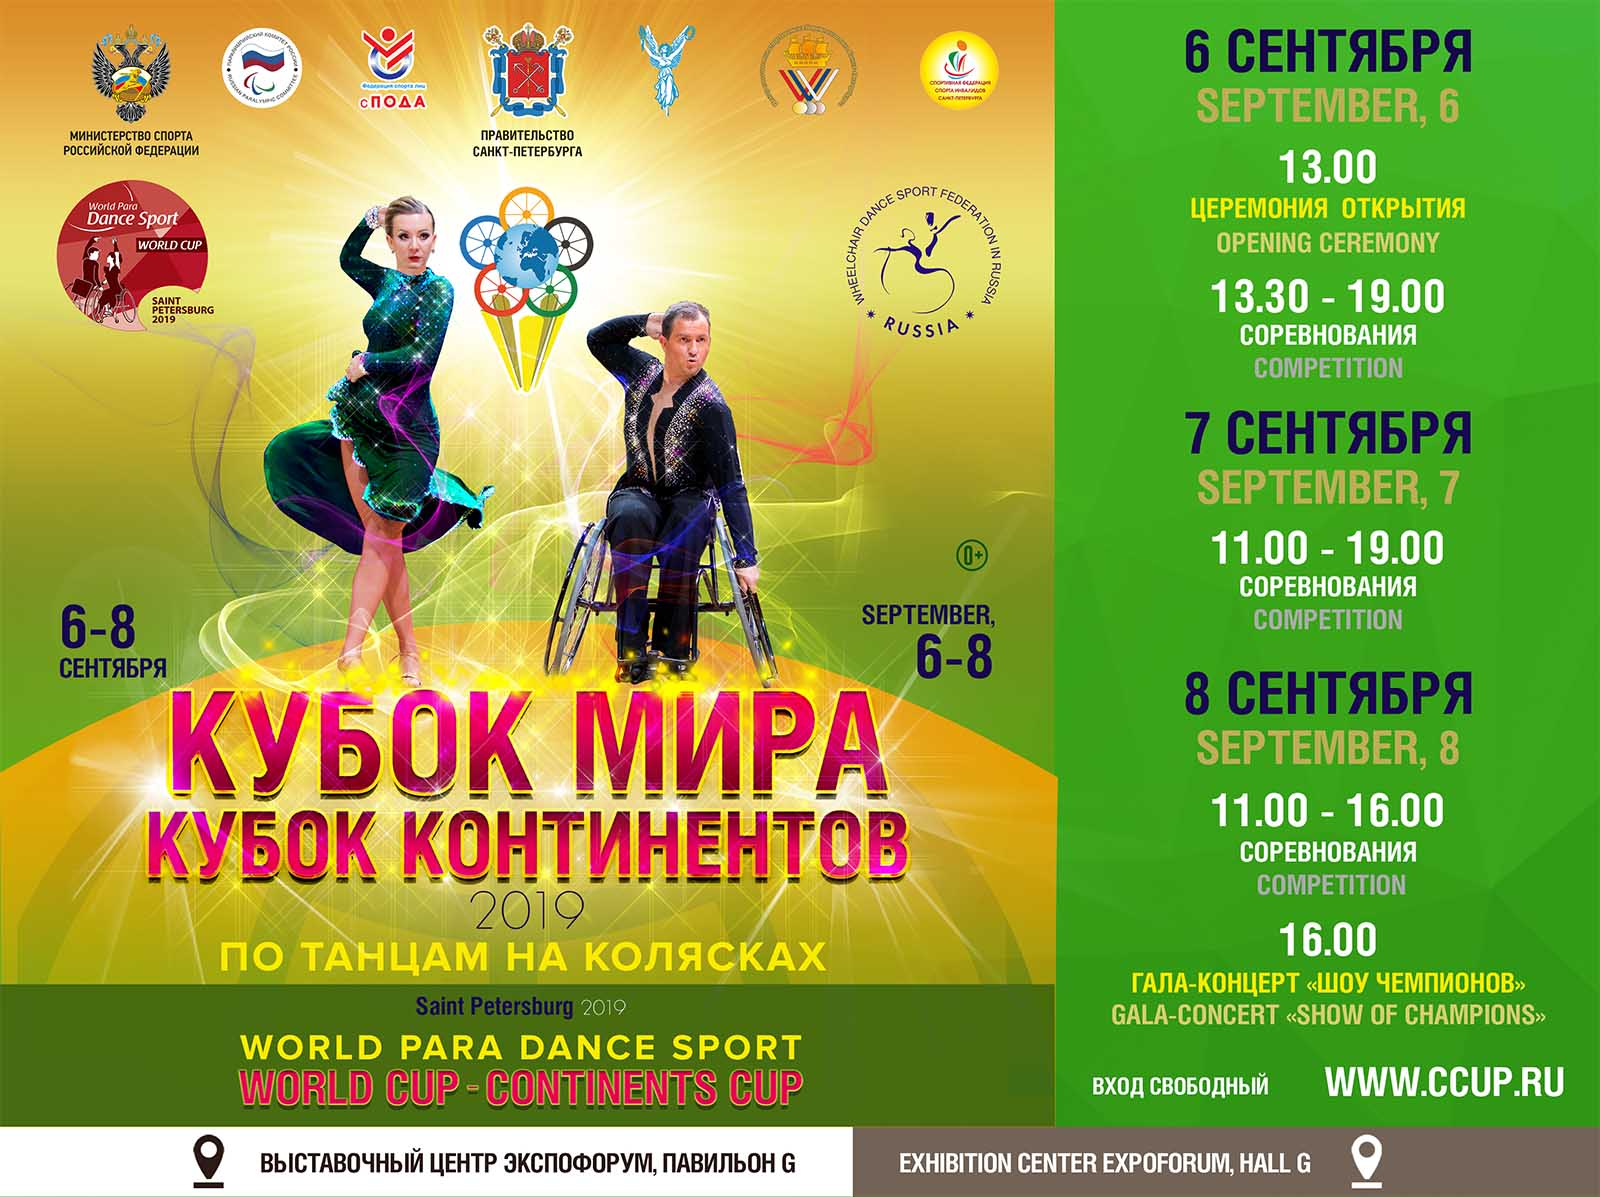 С 6 по 8 сентября в г. Санкт-Петербурге проходит Кубок мира – Кубок Континентов по танцам на колясках